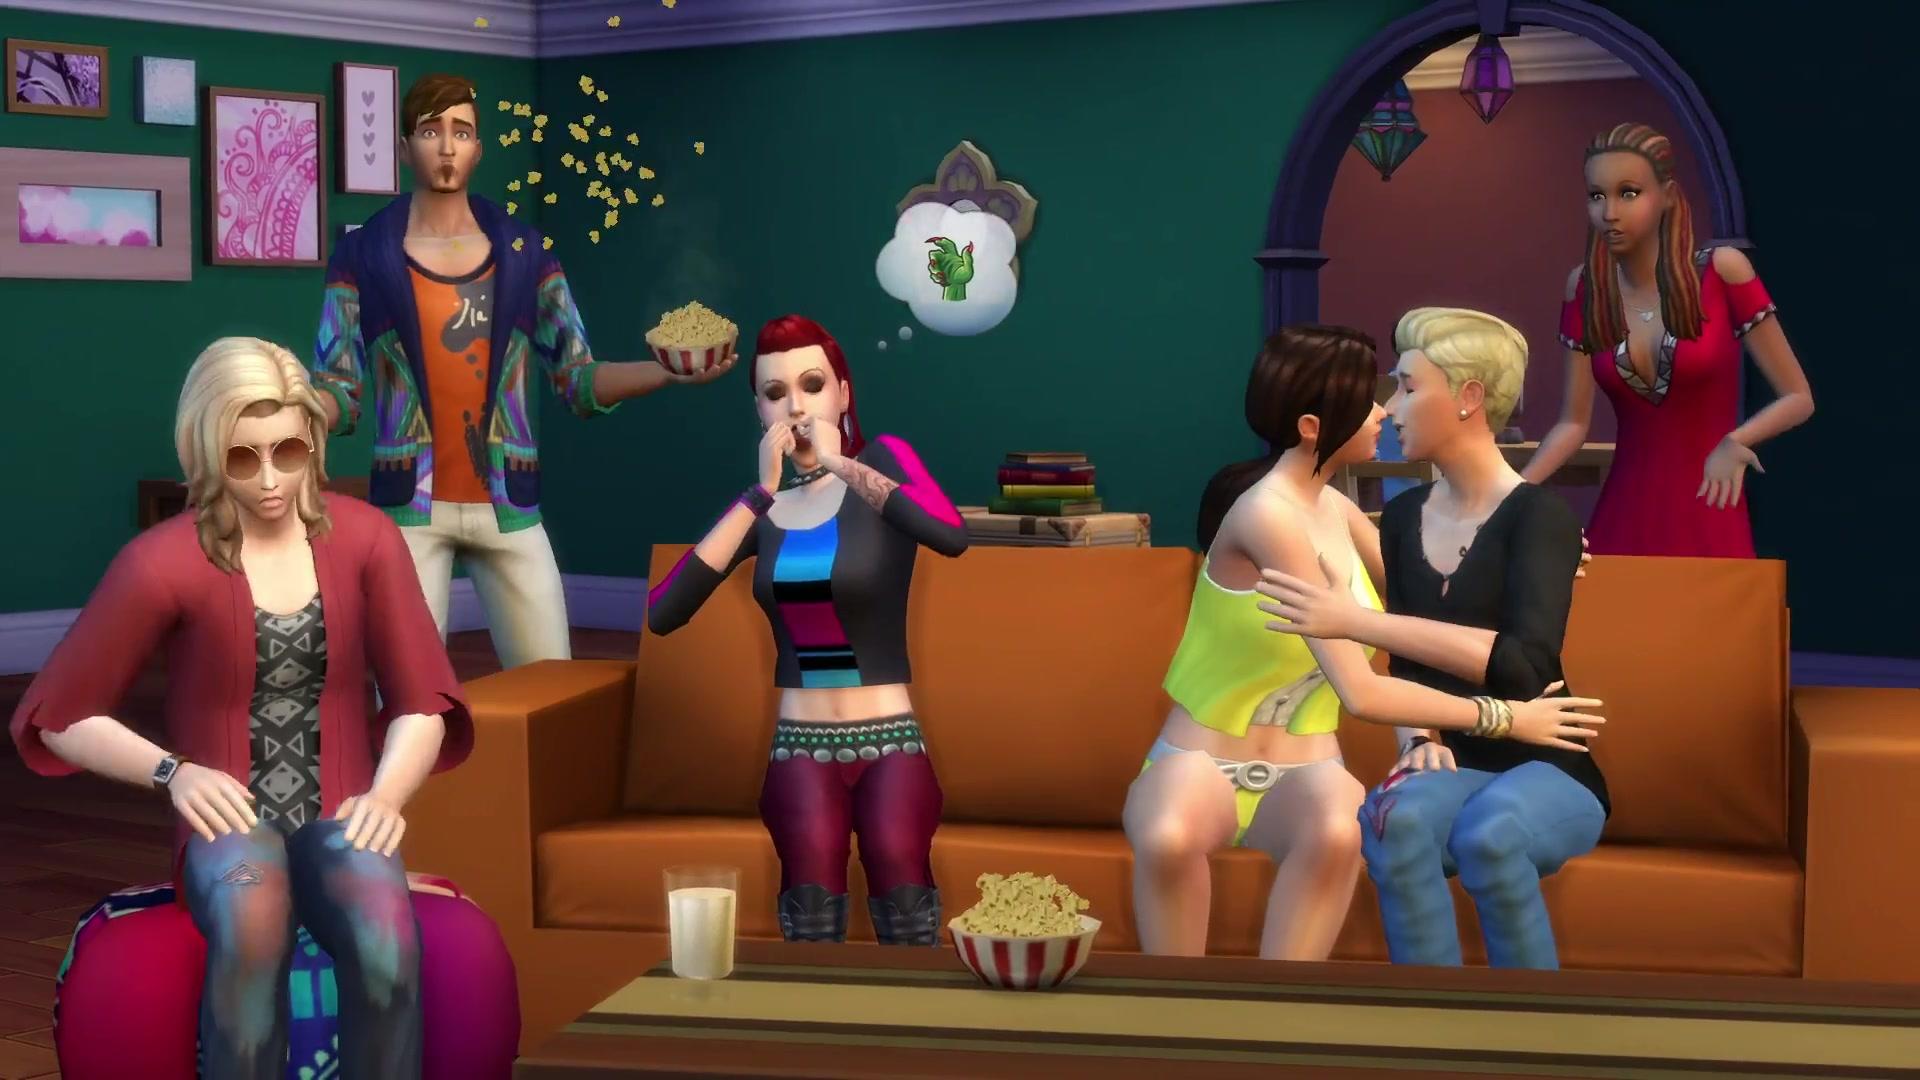 The Sims 4 Movie Hangout Info Bits By Simgurugraham Simsvip